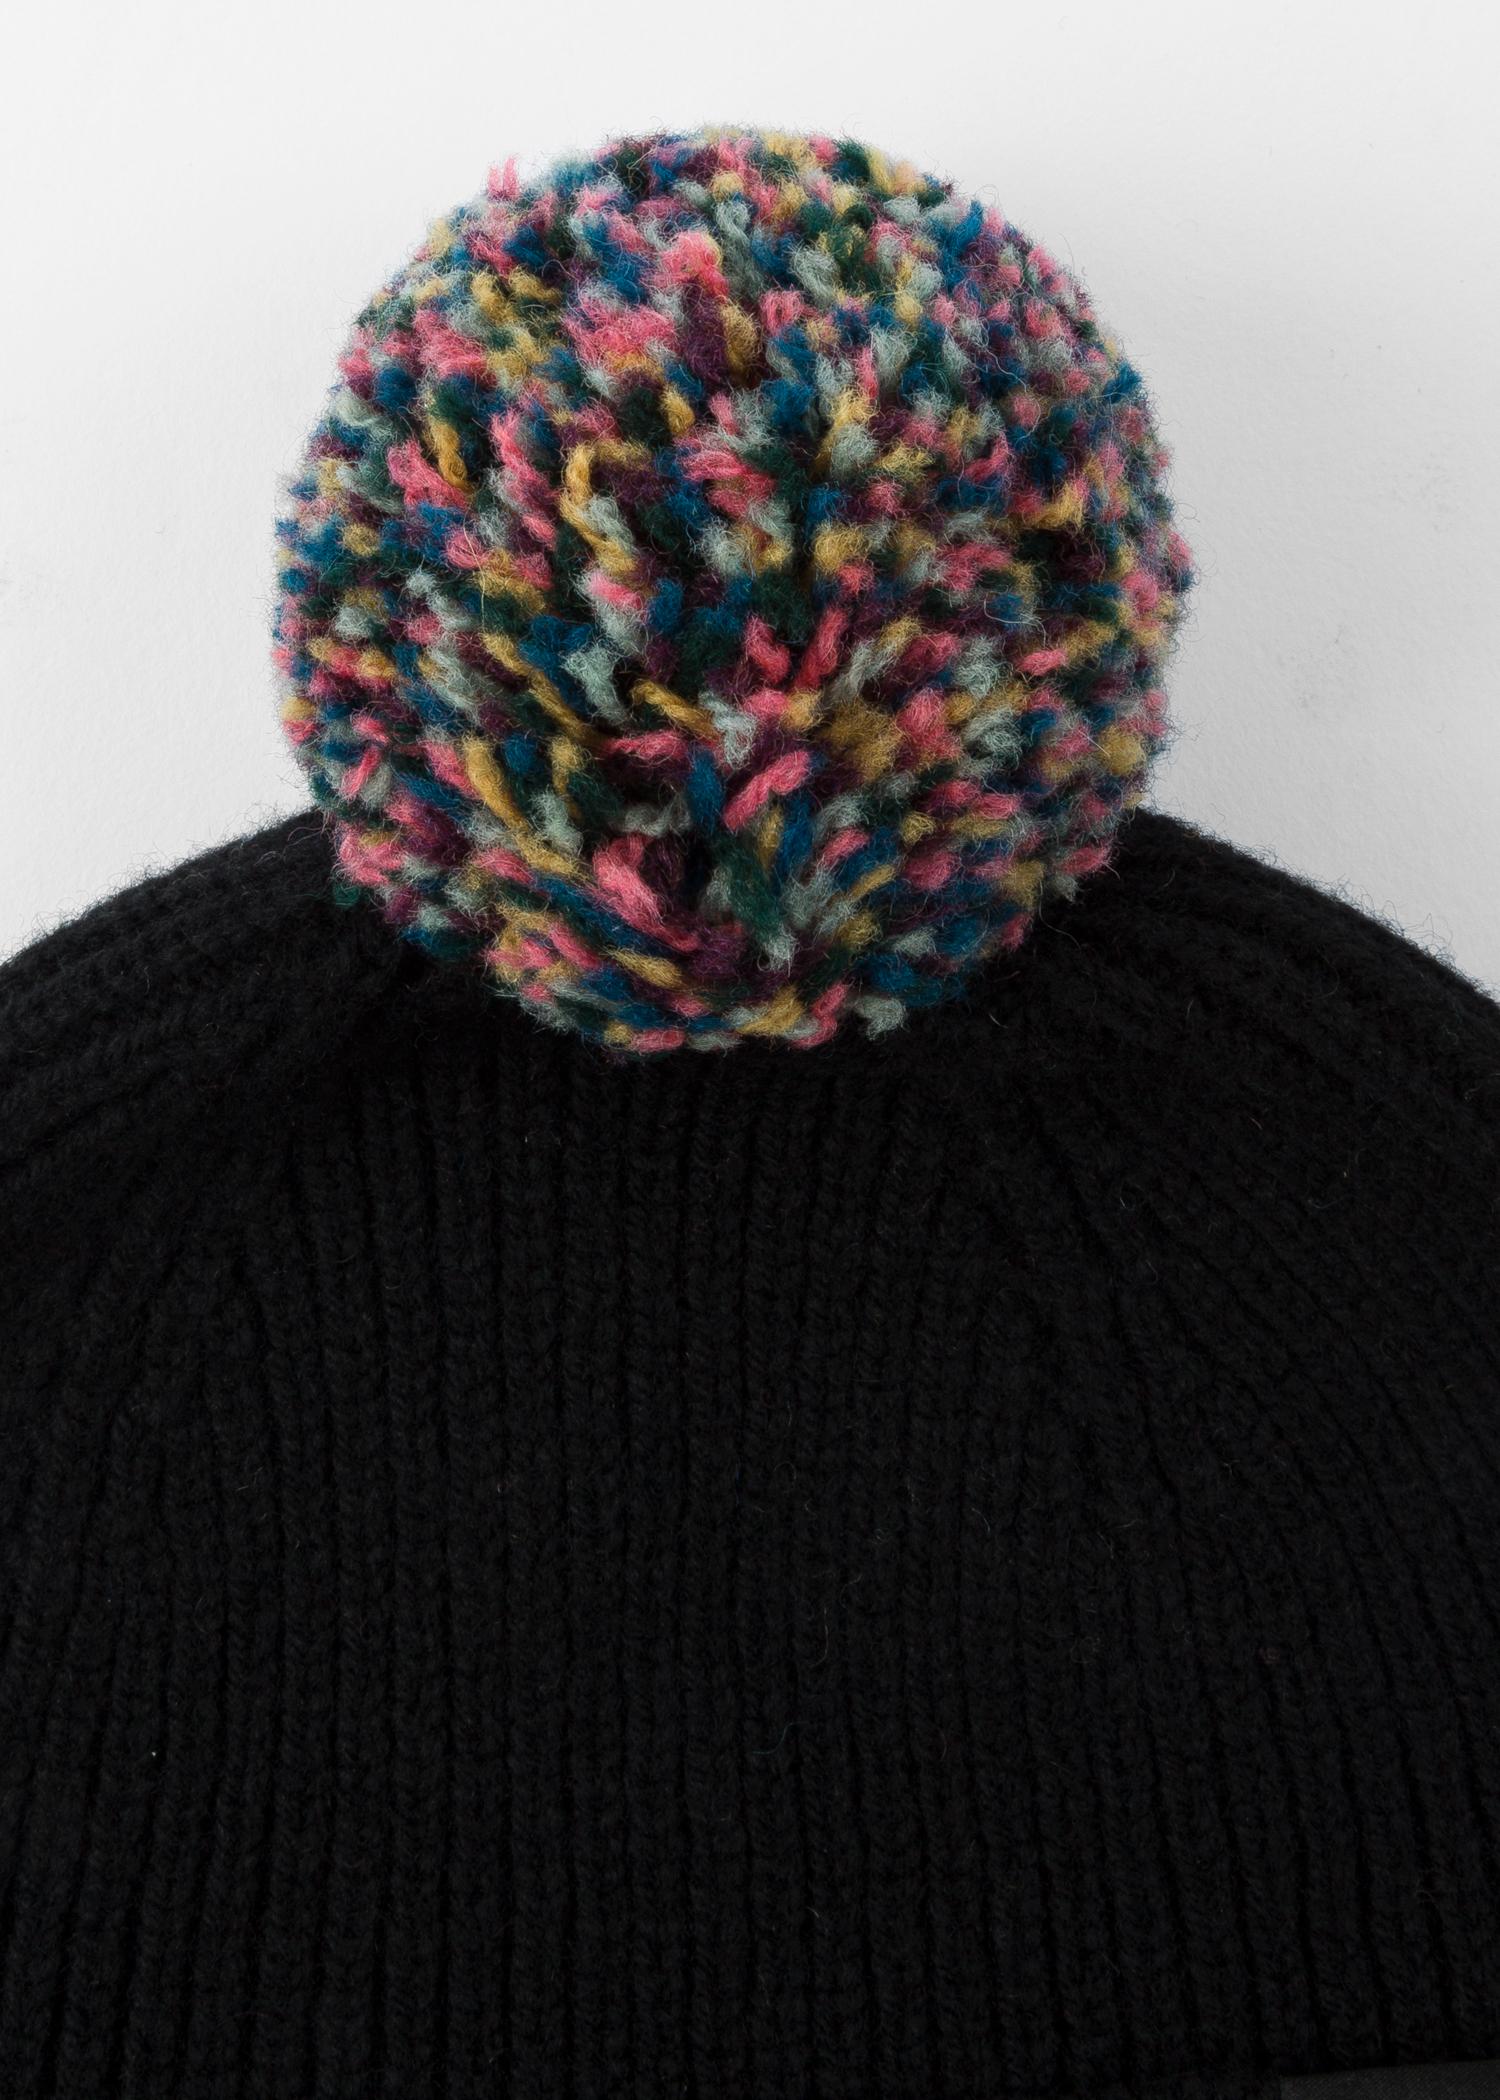 ac33210468b Detailed View - Men s Black Pom-Pom Wool Beanie Hat Paul Smith